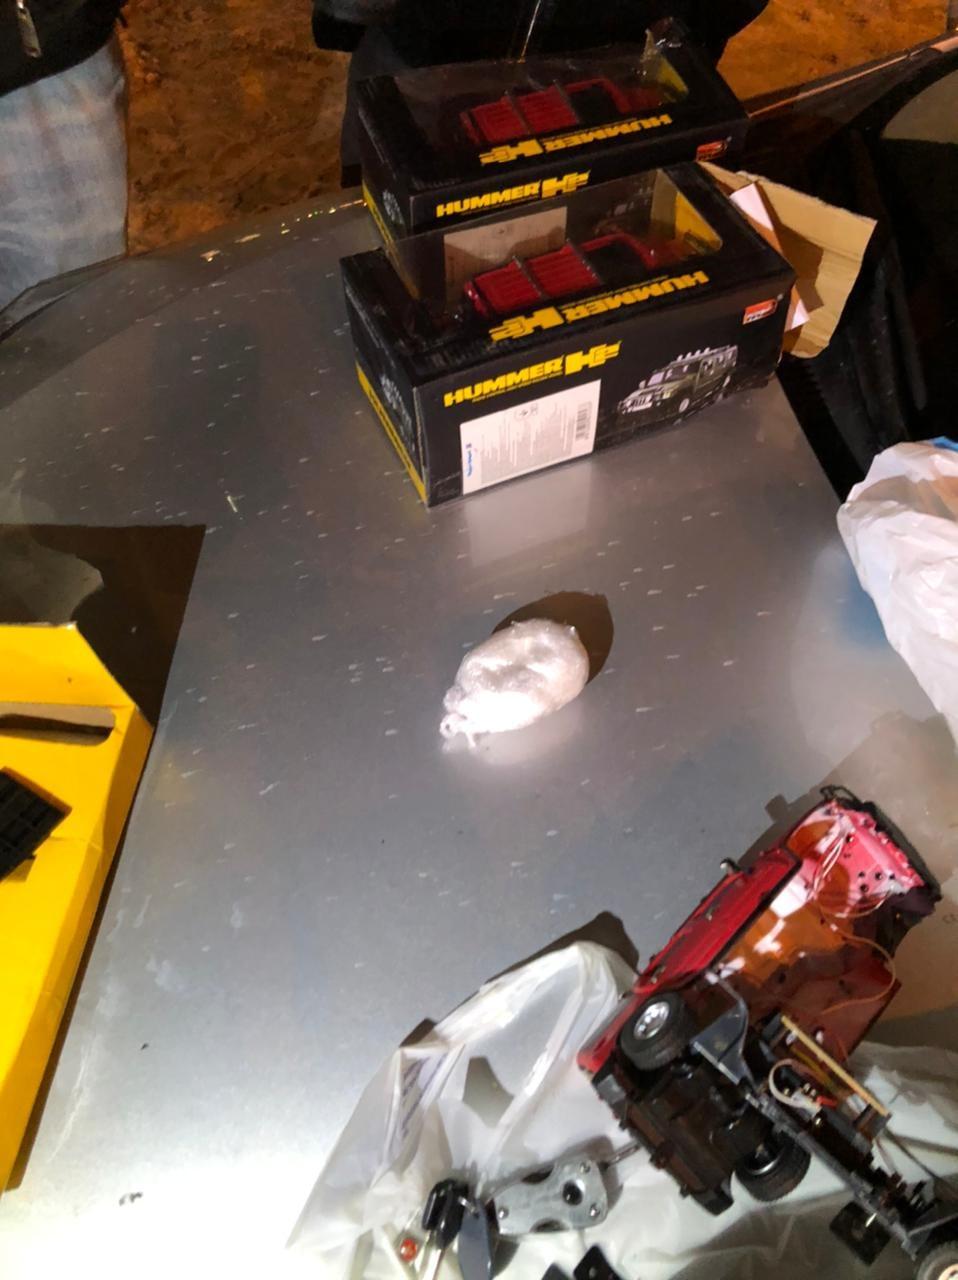 Кокаїн в іграшках: у Києві затримали колишнього правоохоронця - продаж наркотичних засобів, наркотики - 152089701 4232215446789785 4012148034613932562 o